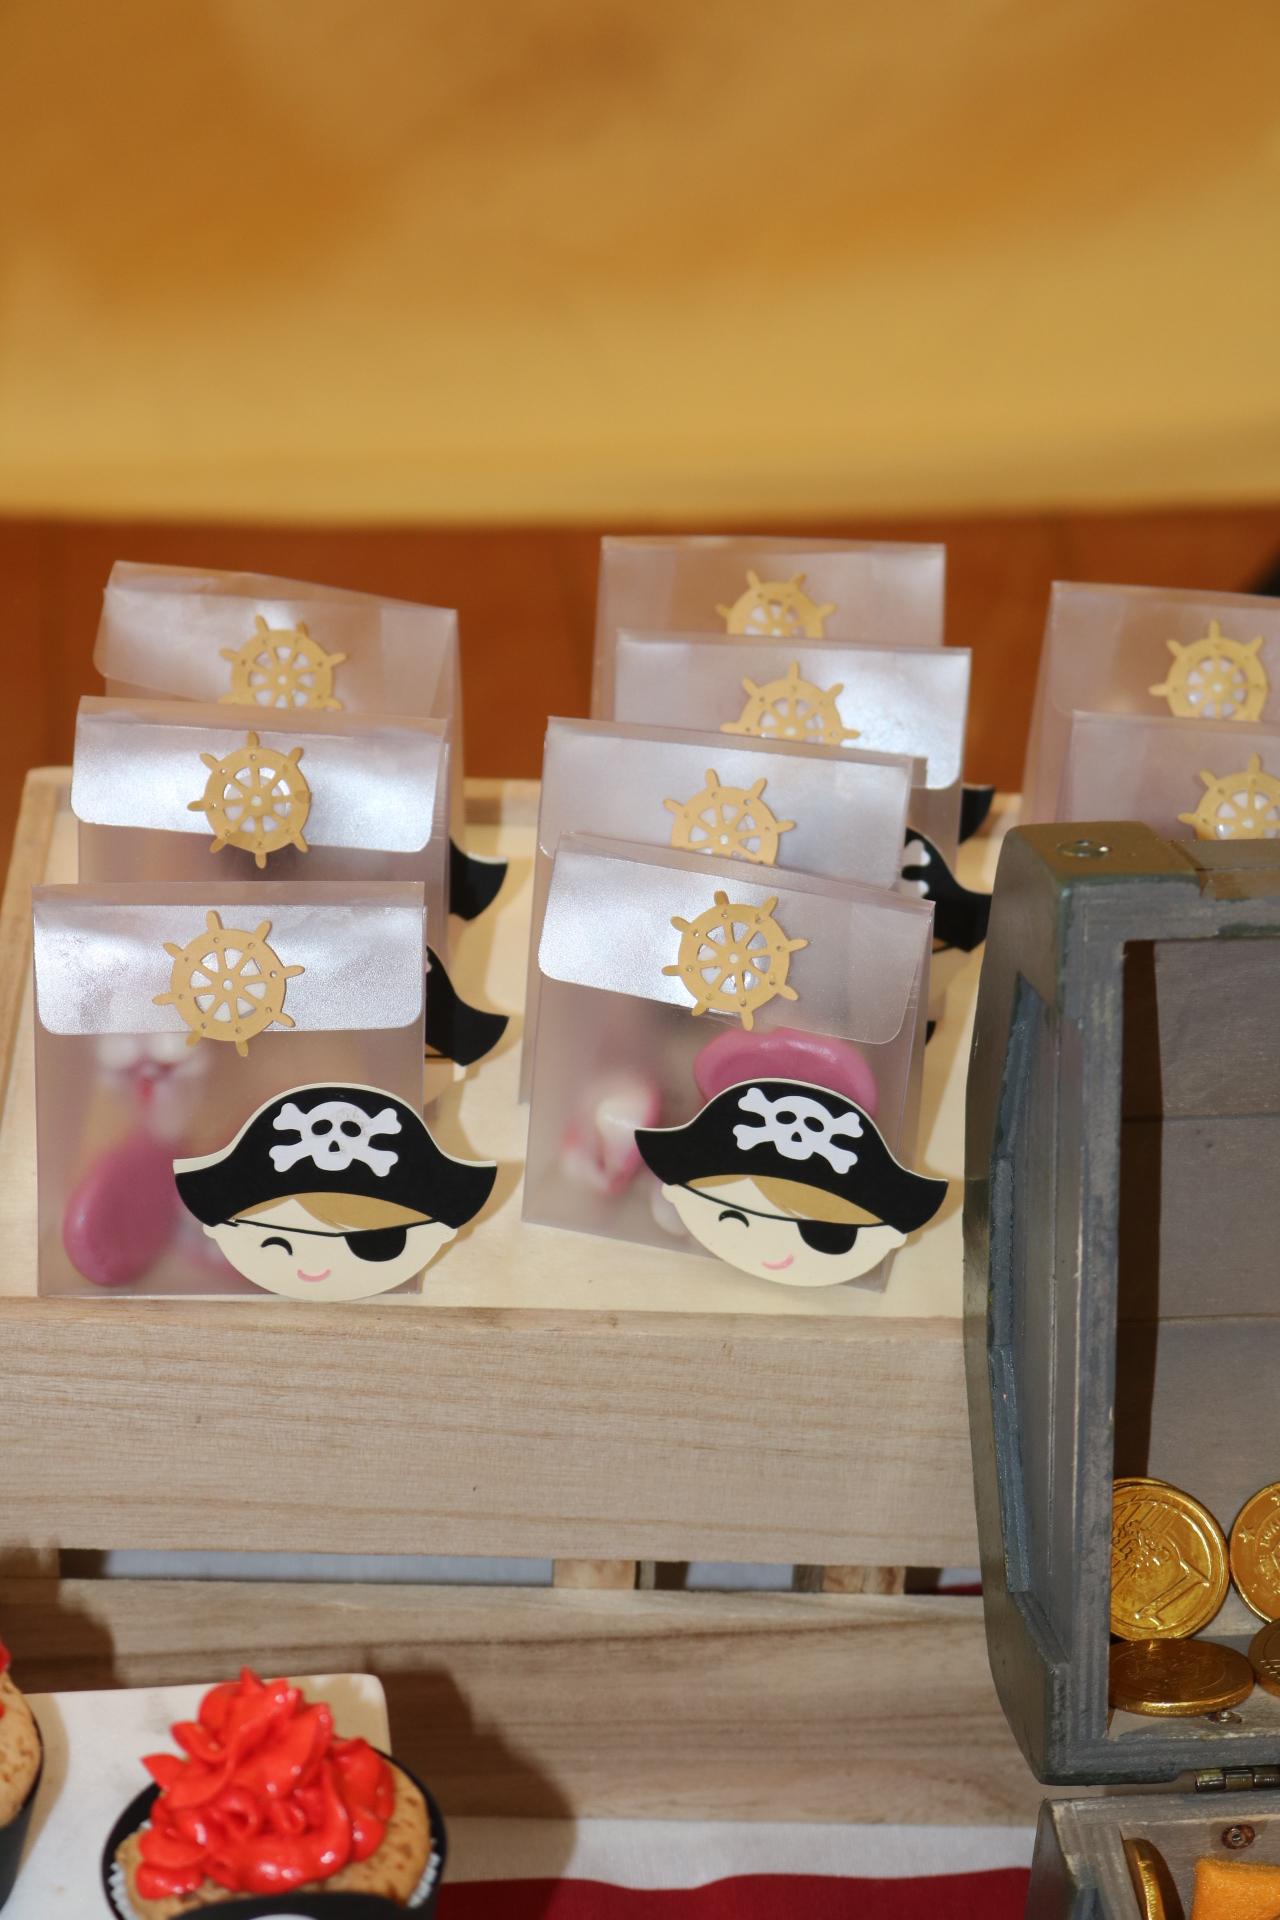 Cajita pirata con chuches de calavera.